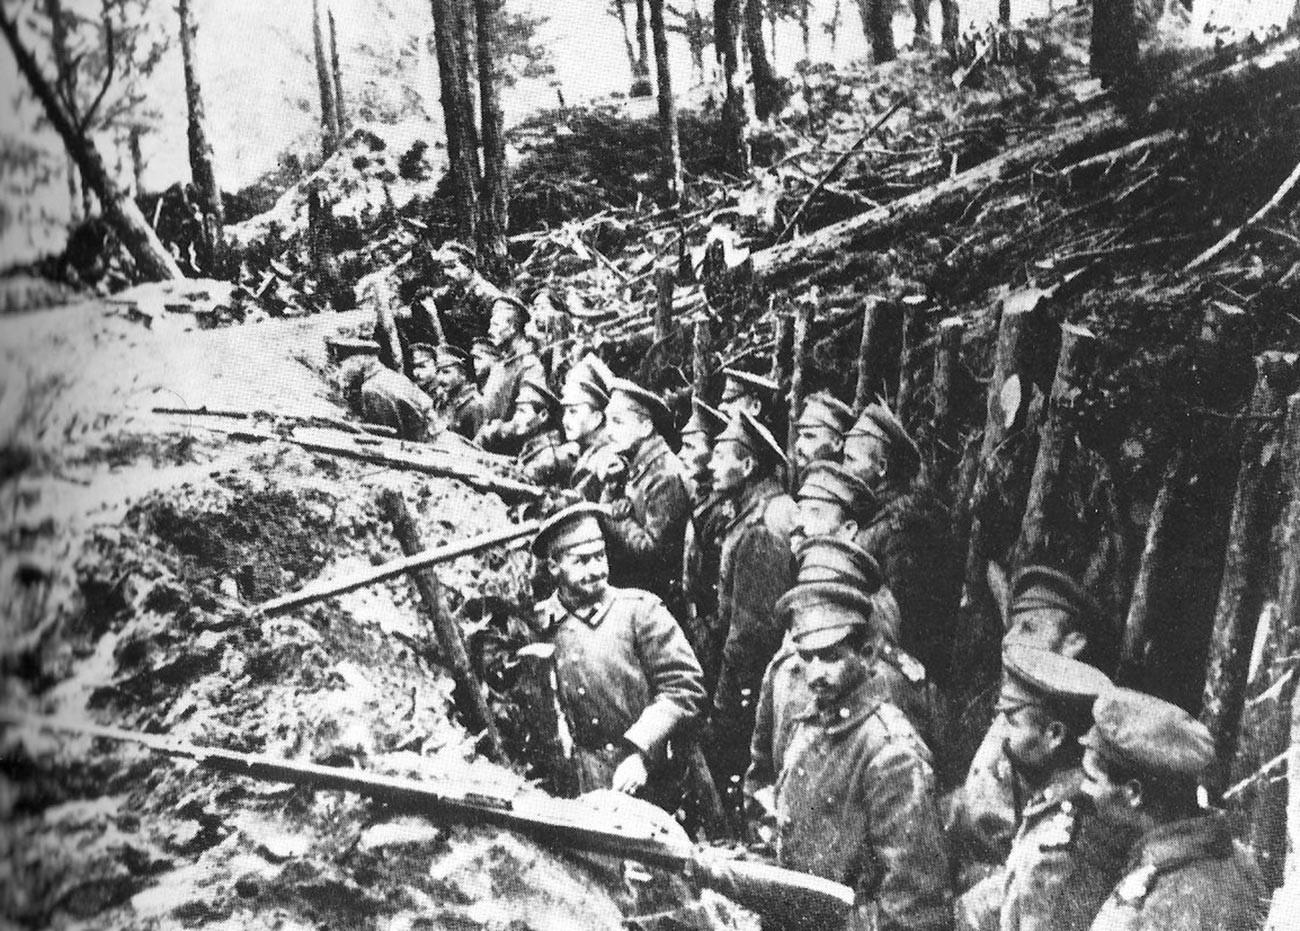 Tranchées russes dans les forêts de Sarıkamış